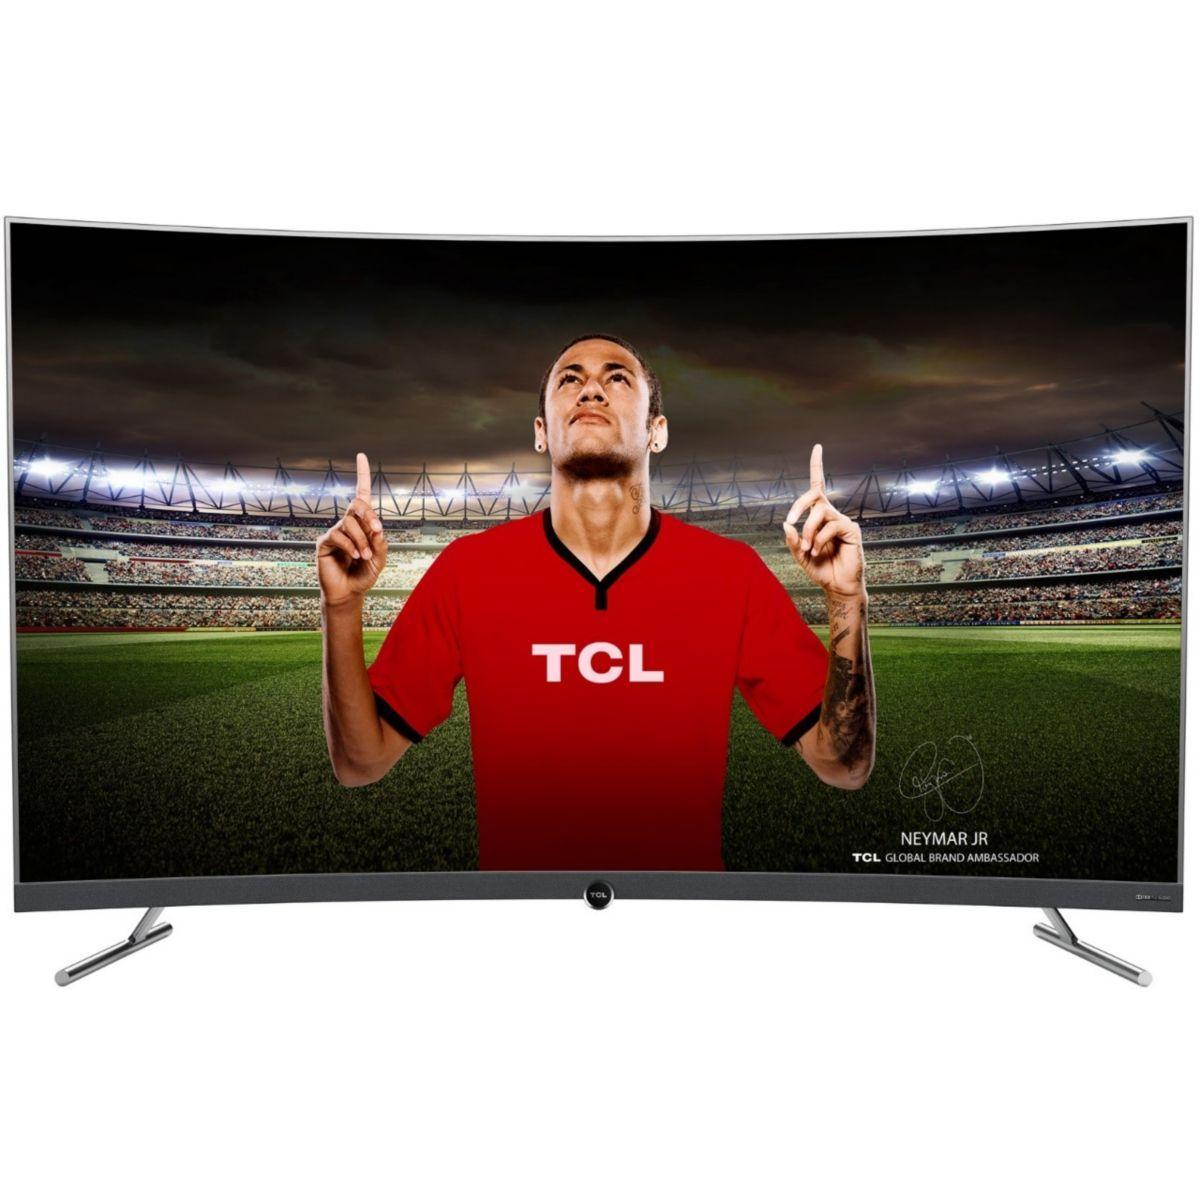 Tv led tcl 65dp670 incurve - 10% de remise imm�diate avec le code : automne10 (photo)